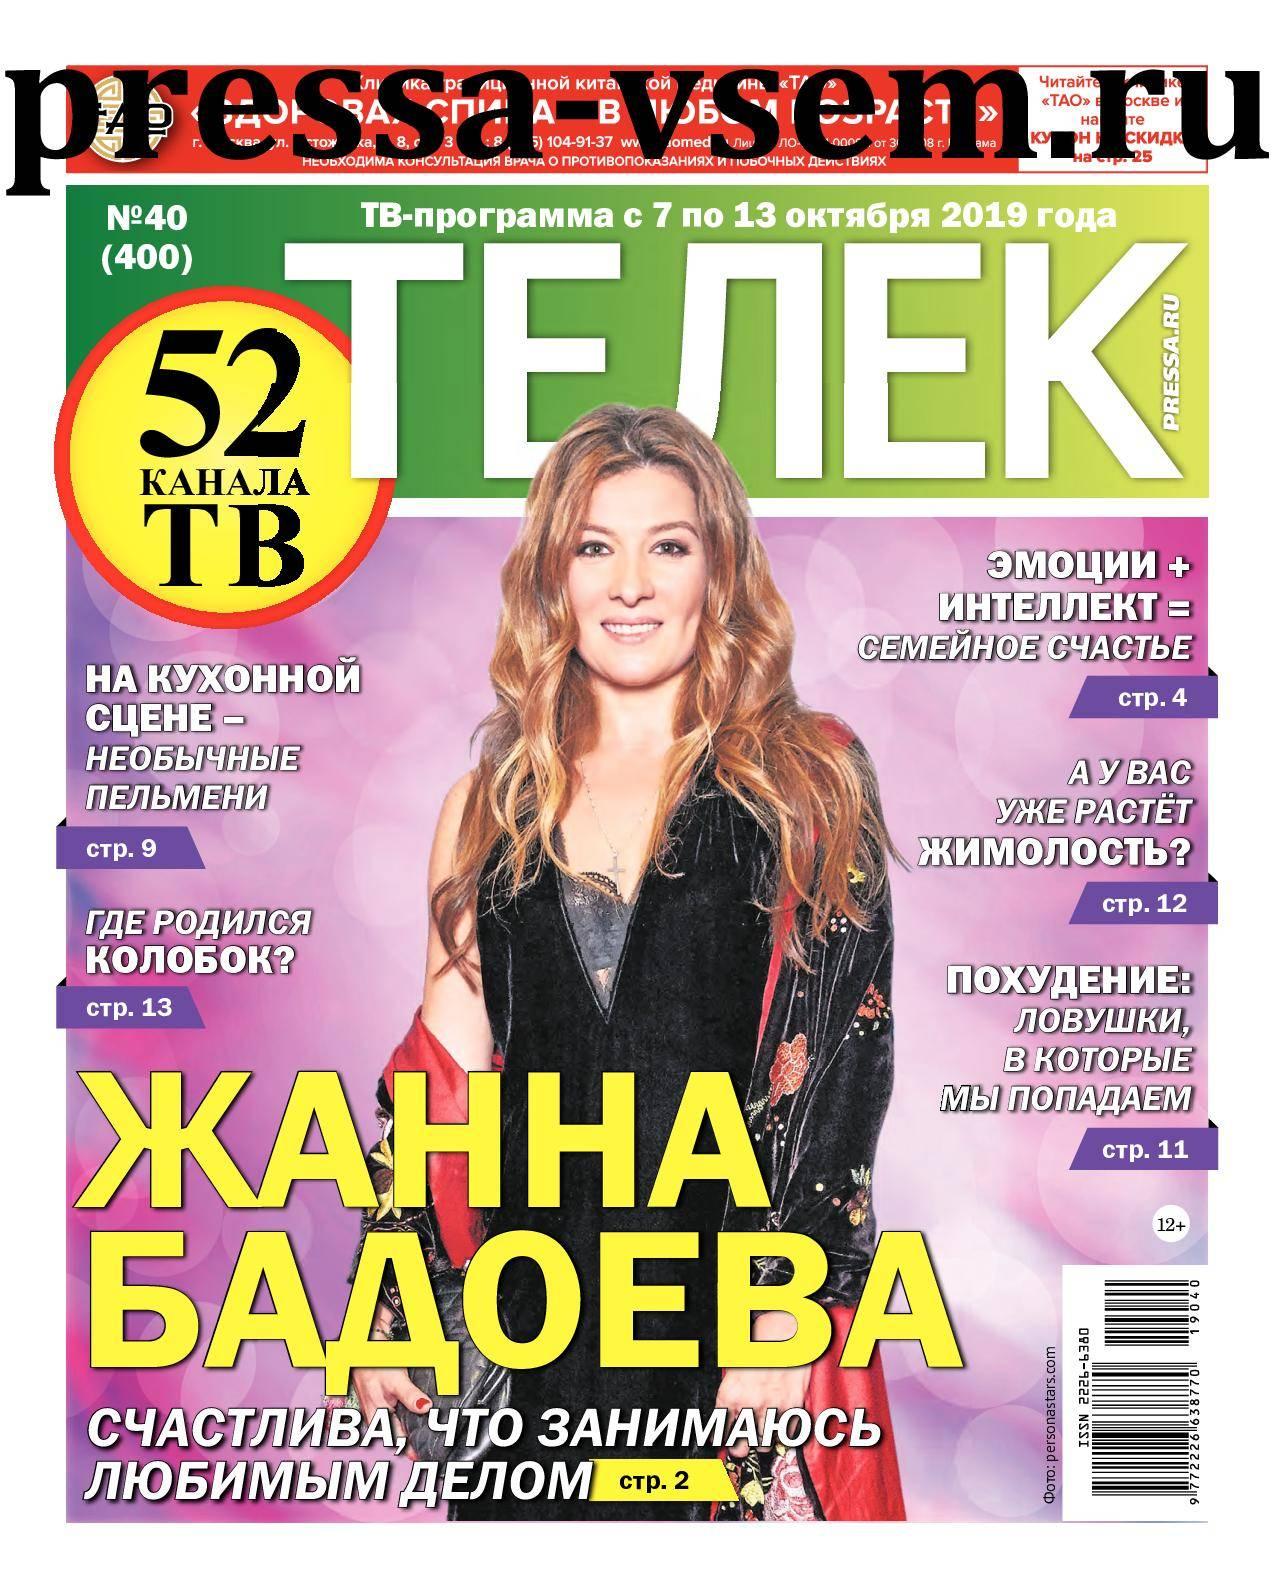 Похищение невесты: как это происходит на северном кавказе | русская семерка